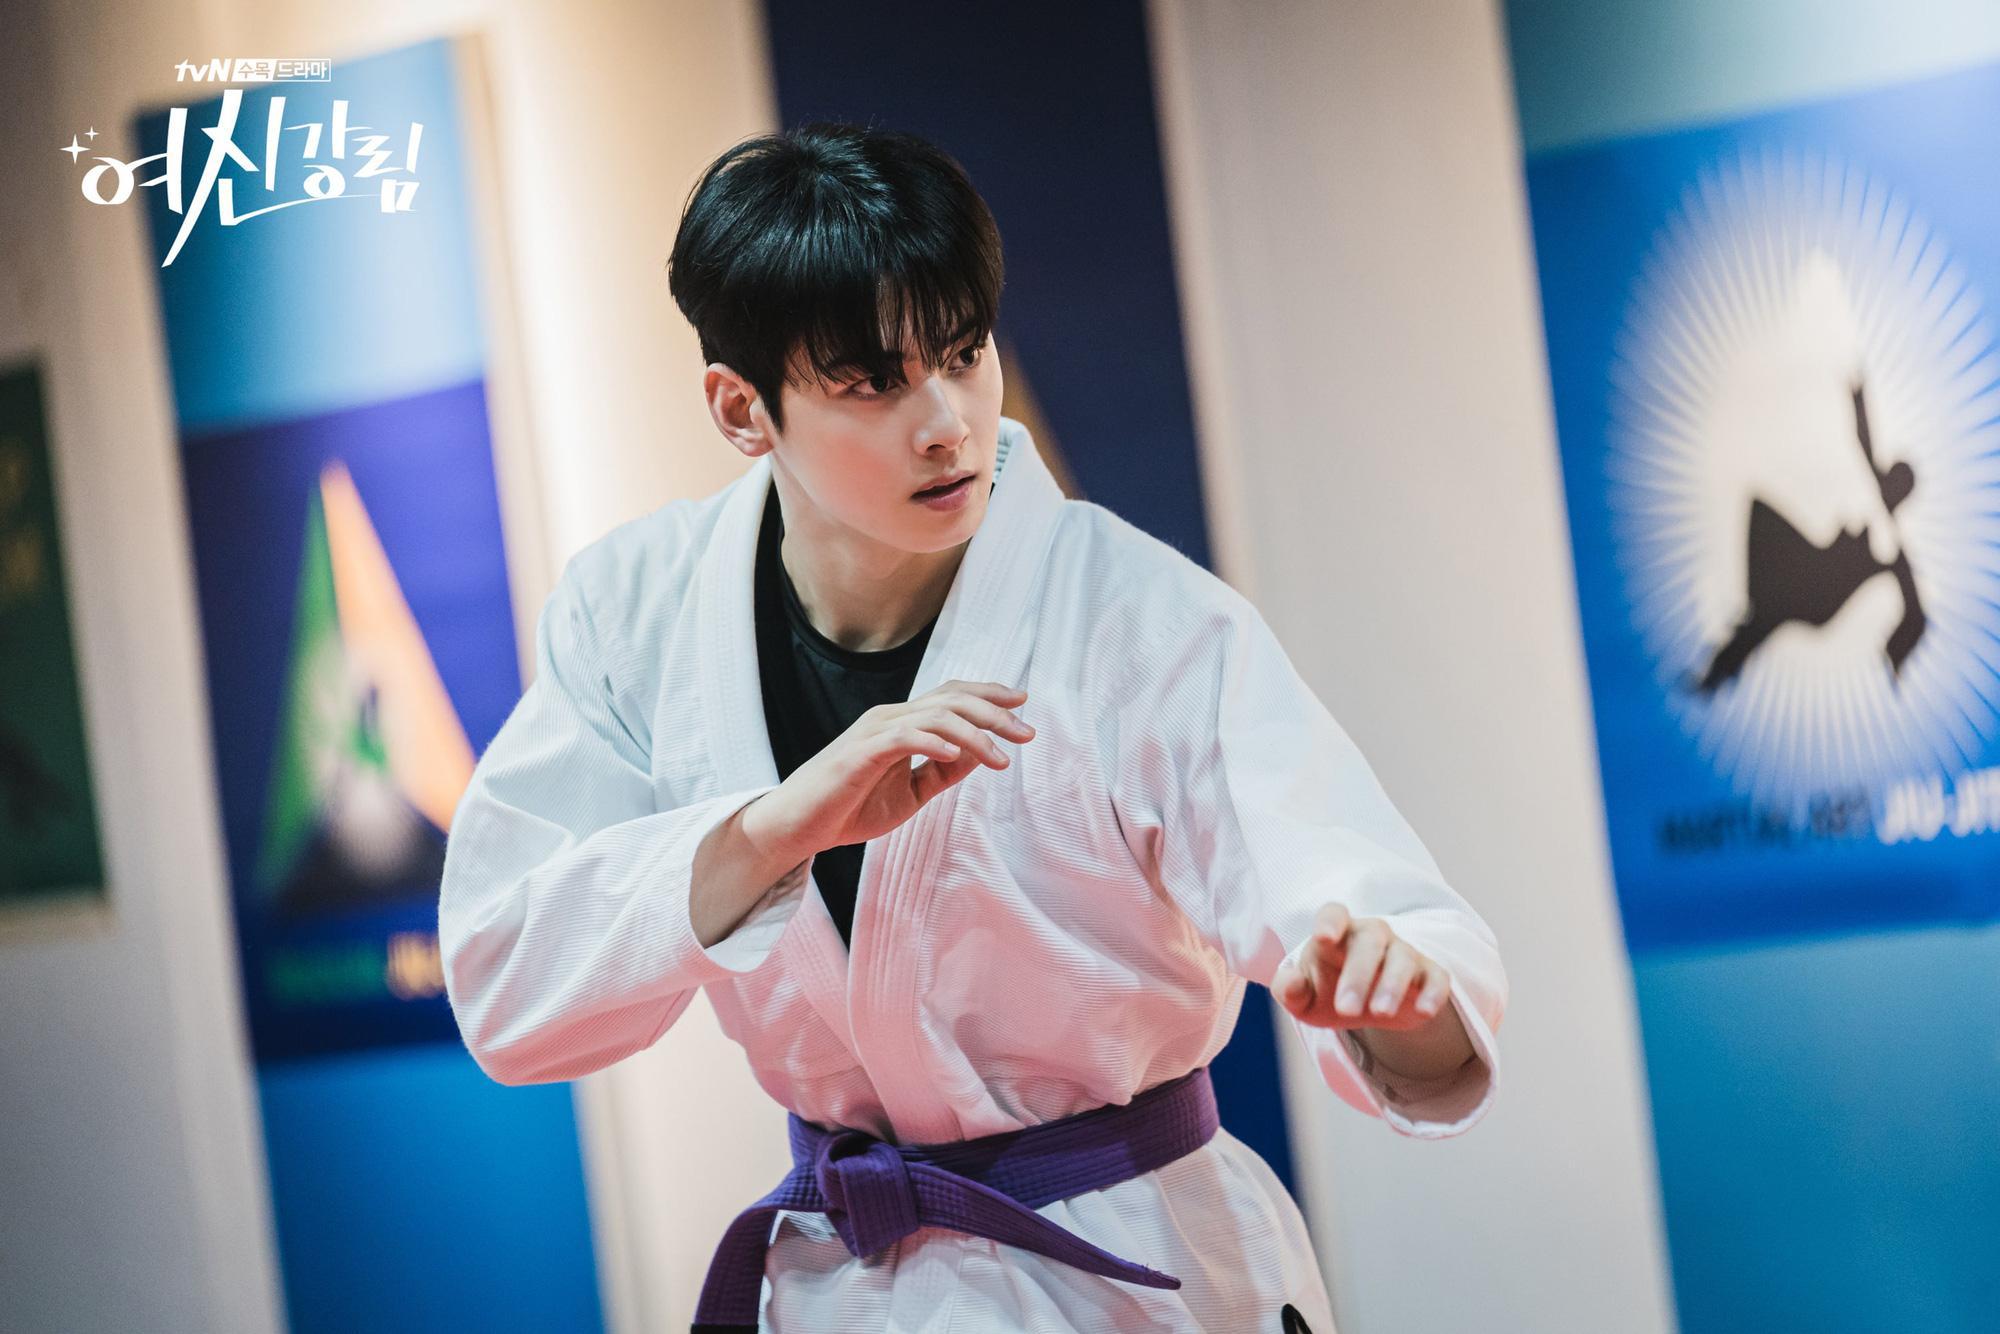 True Beauty tung ảnh Cha Eun Woo đánh võ Nhật chất thôi rồi, ánh mắt cũng bớt đơ nhiều đấy! Ảnh 1